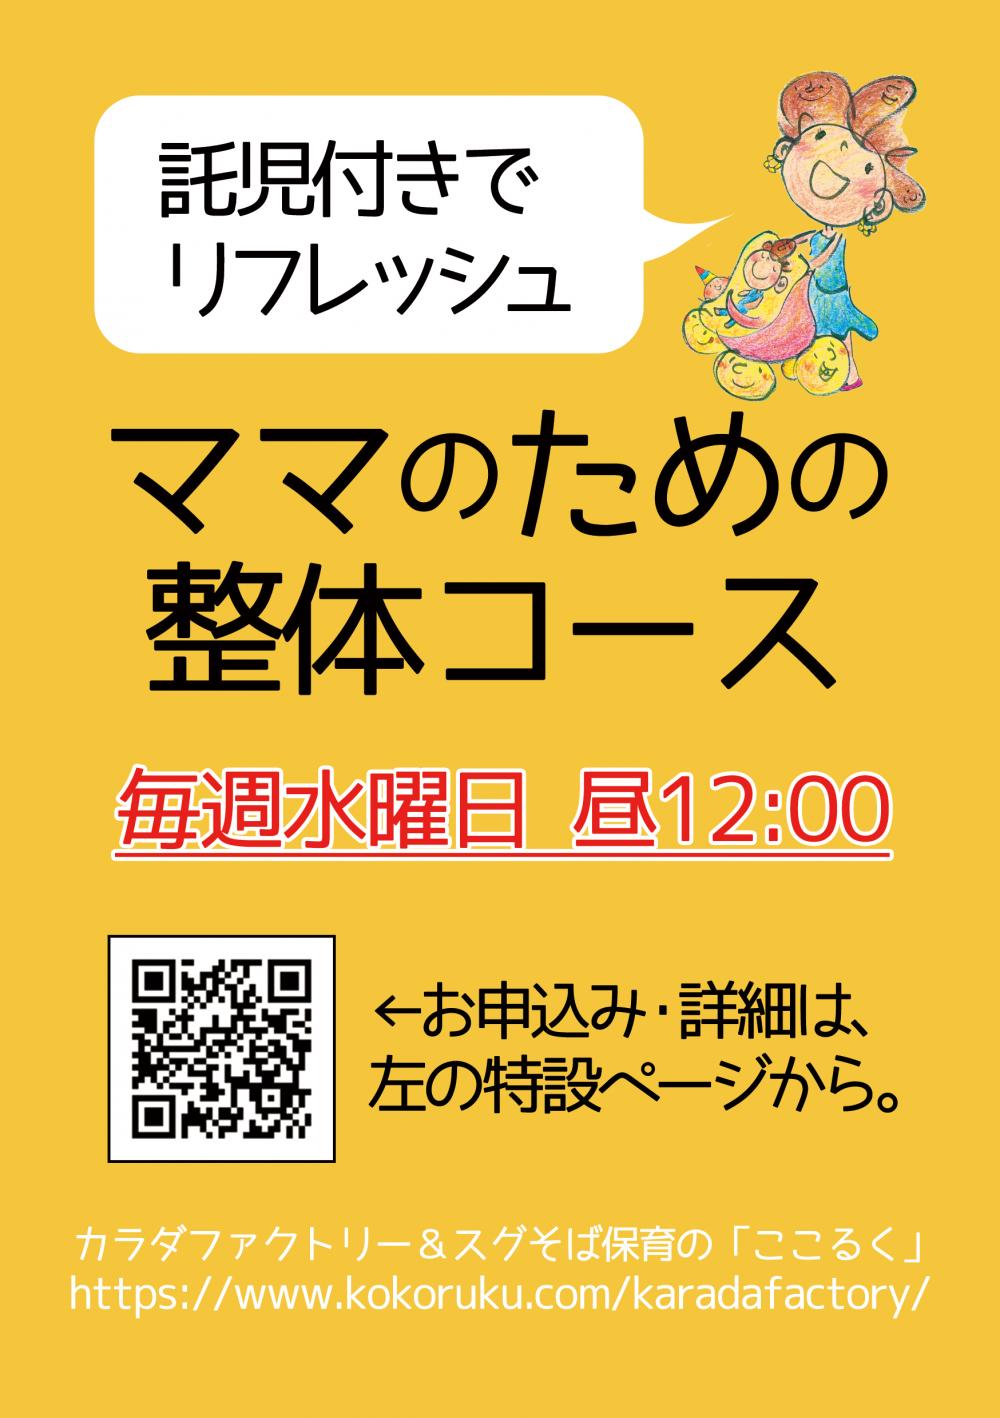 ★大崎店限定★毎週水曜日開催!託児付き整体コース受付中!!